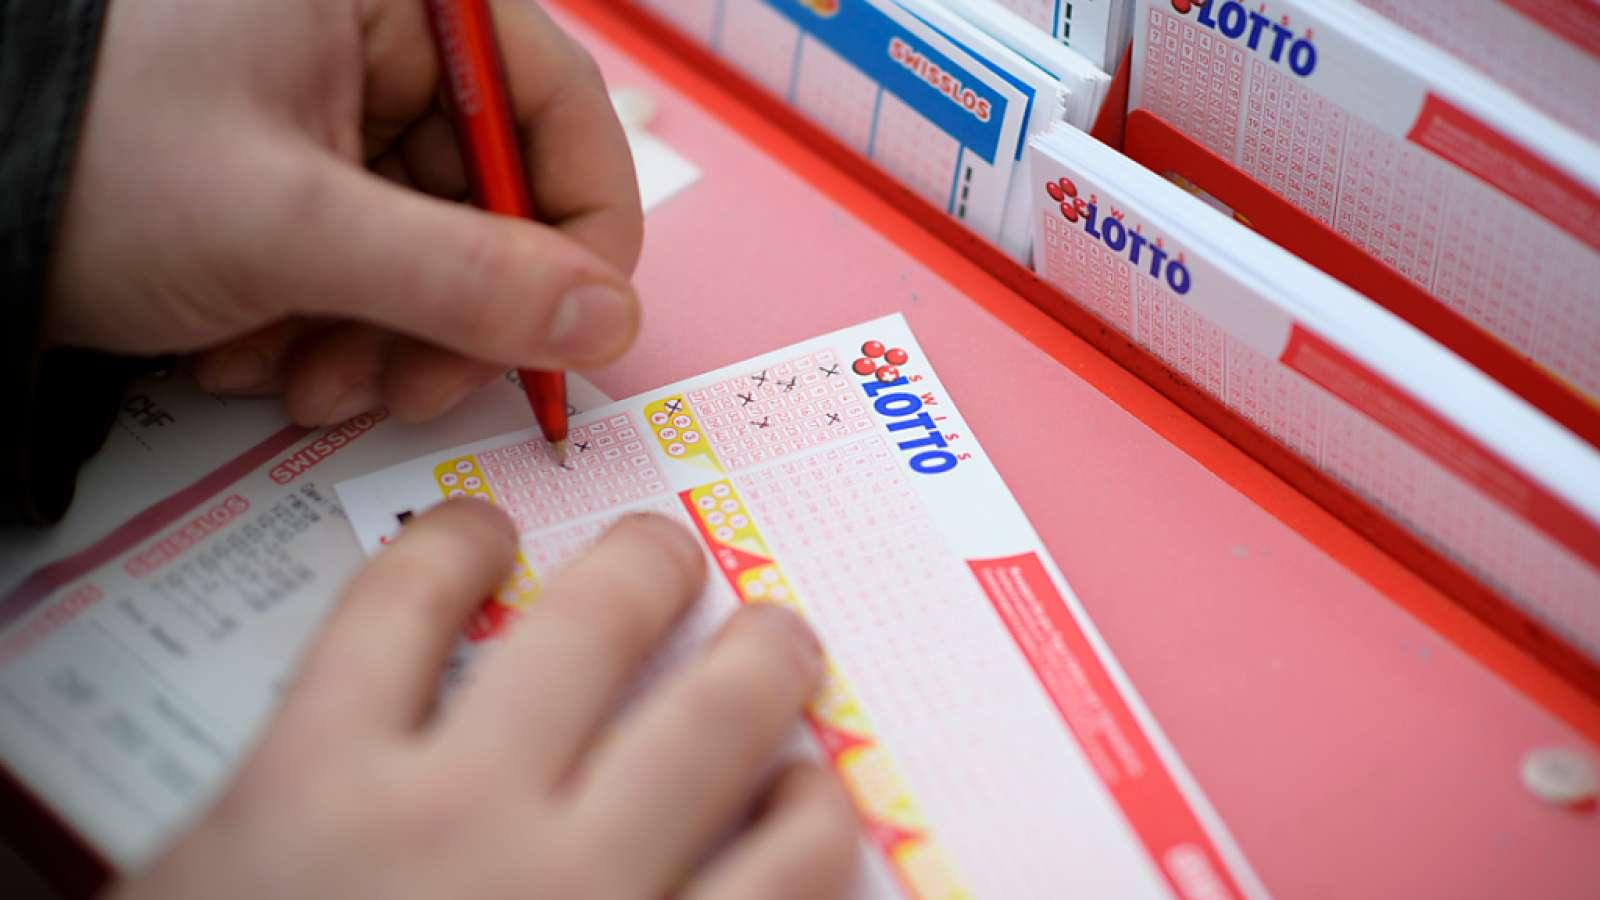 Mit sieben Kreuzchen ins Glück: Ein Lottospieler oder eine Lottospielerin hat am Samstag den 37-Millionen-Franken-Jackpot geknackt. (Archivbild)